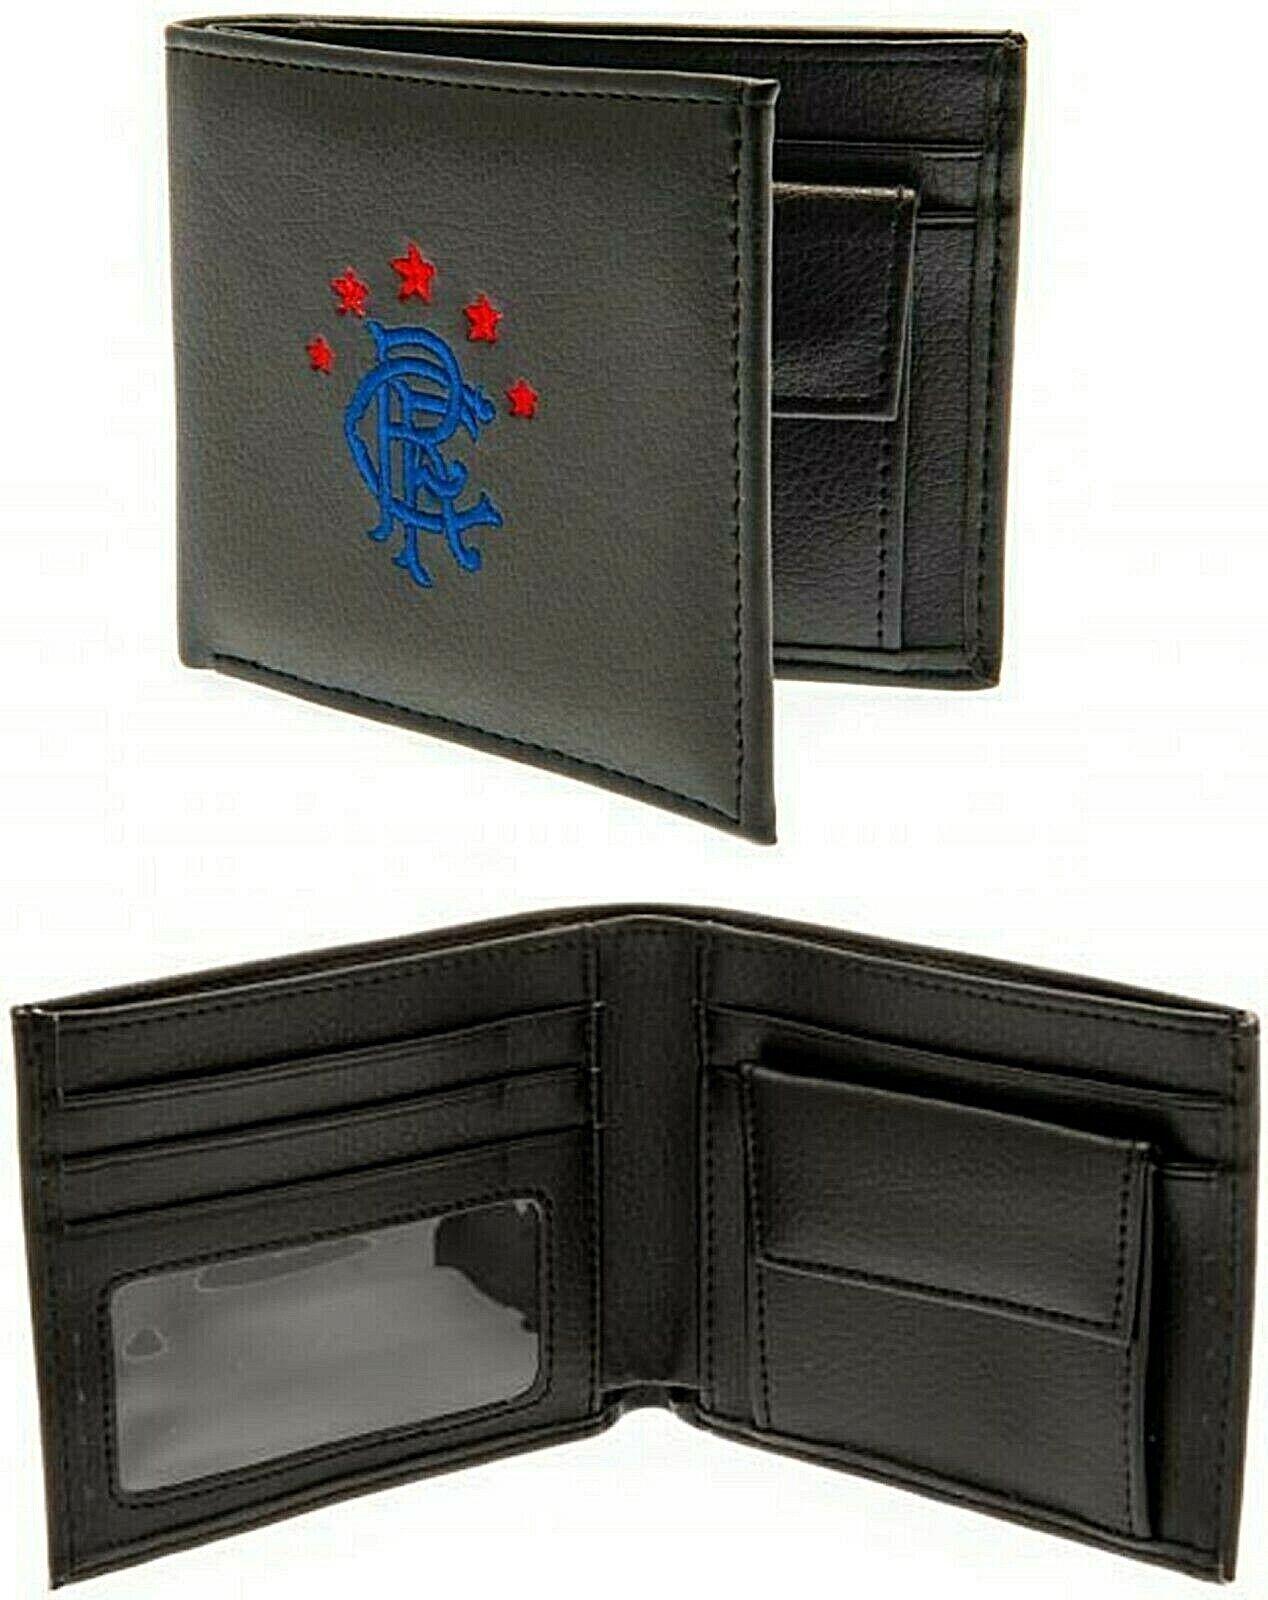 Glasgow Rangers FC Bestickt Crest Leder Money Etui Münze Bargeld Karte Geldbörse